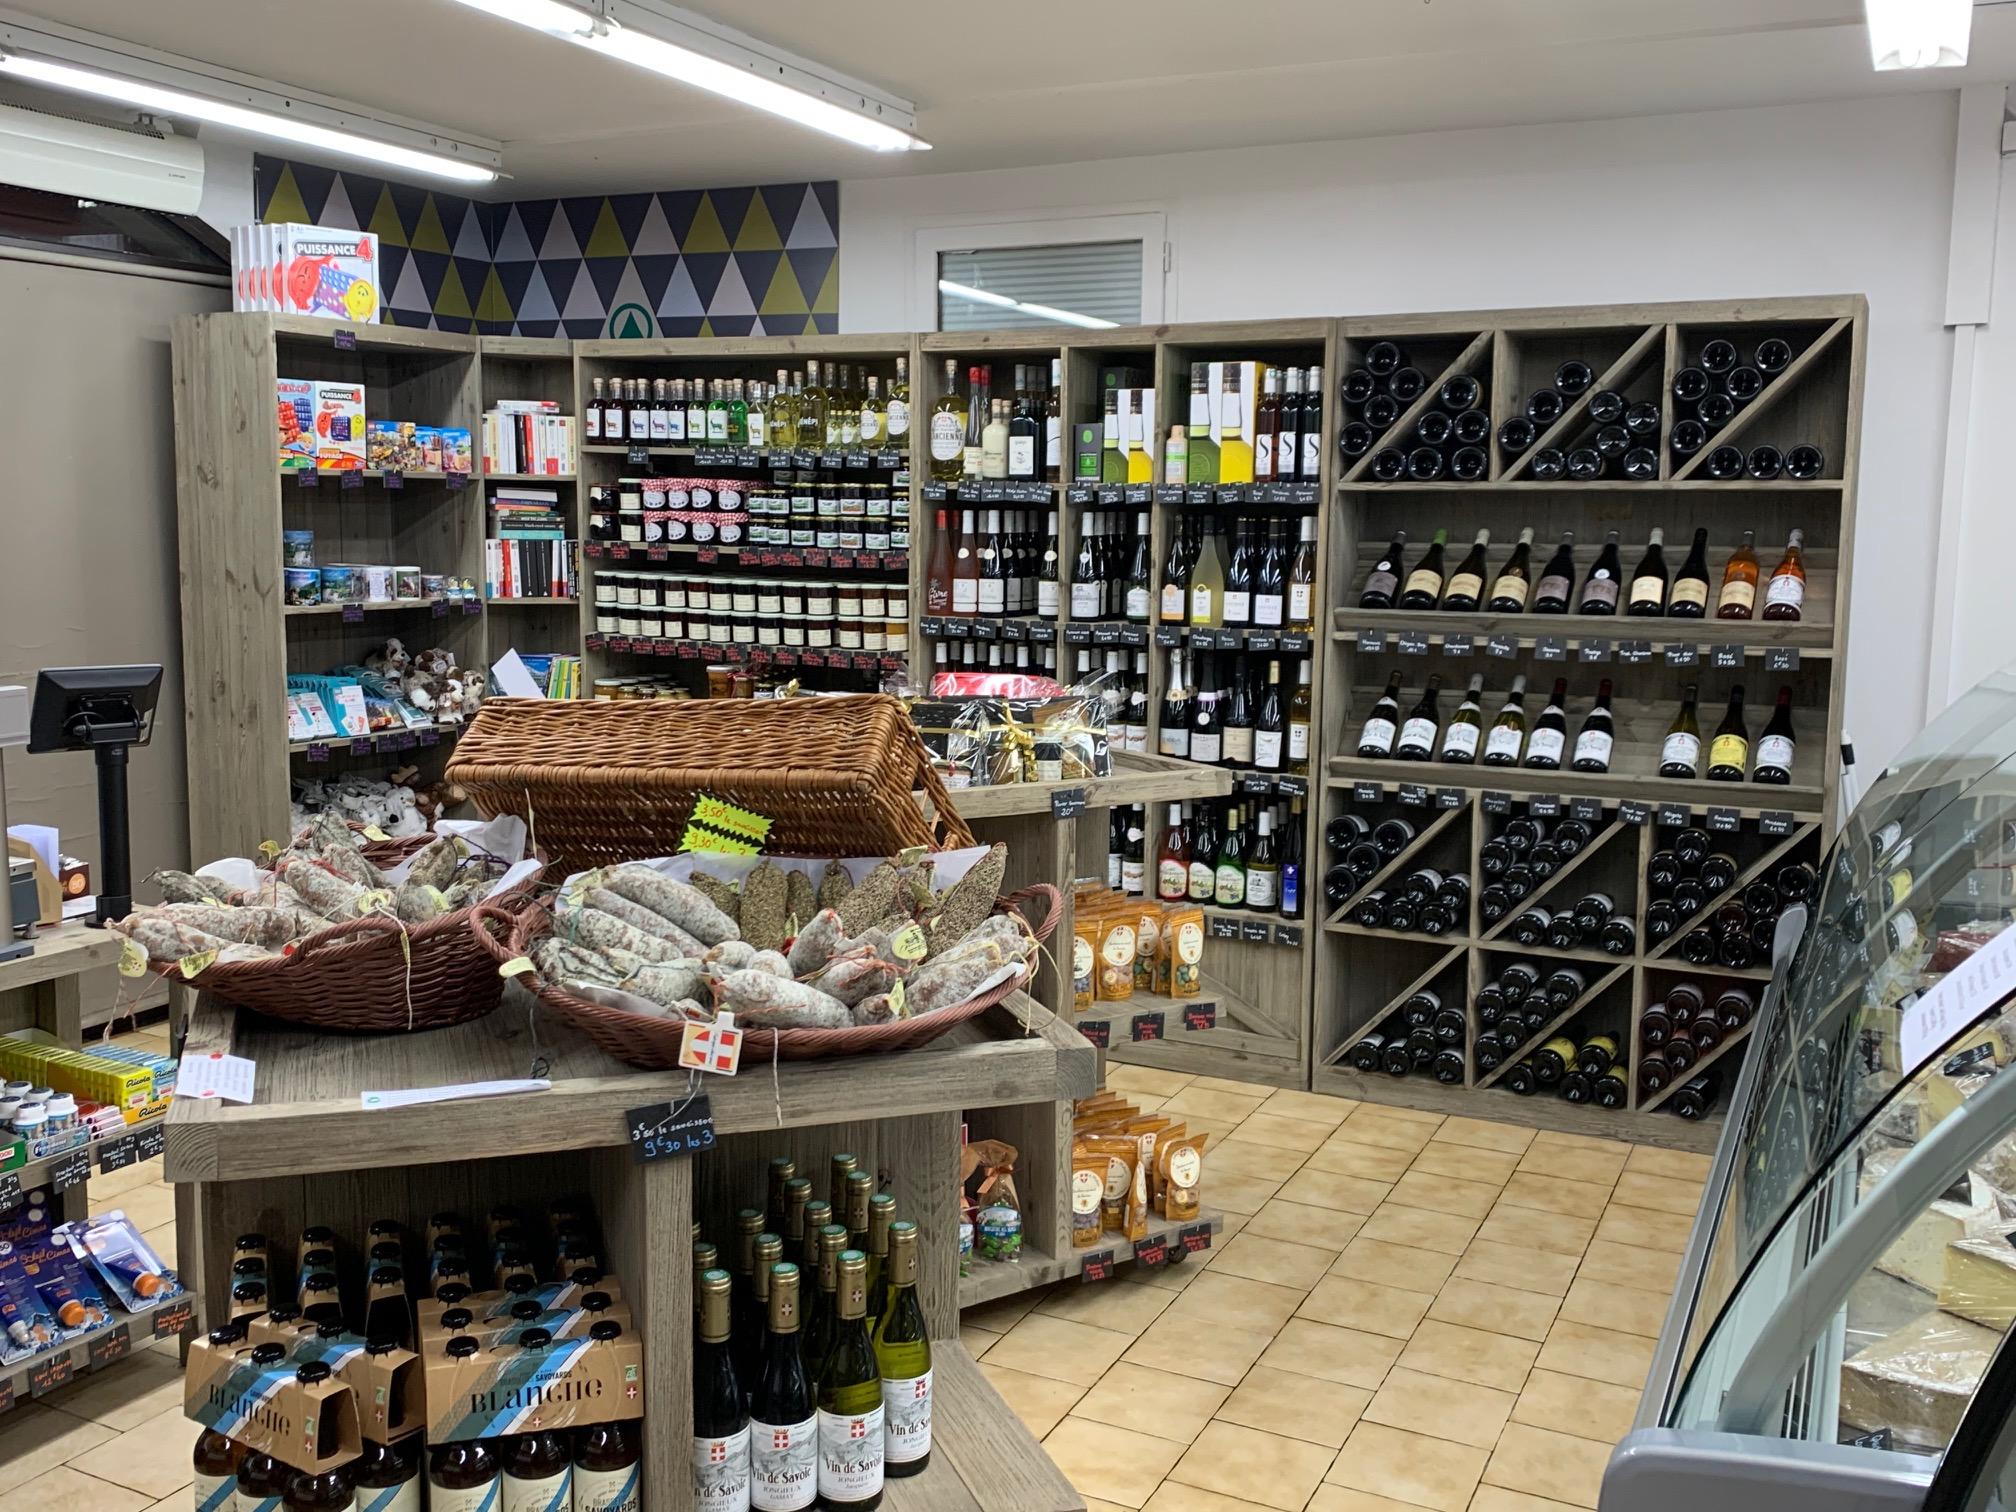 produits locaux et artisanaux de qualité Savoie spar valcenis lanslevillard